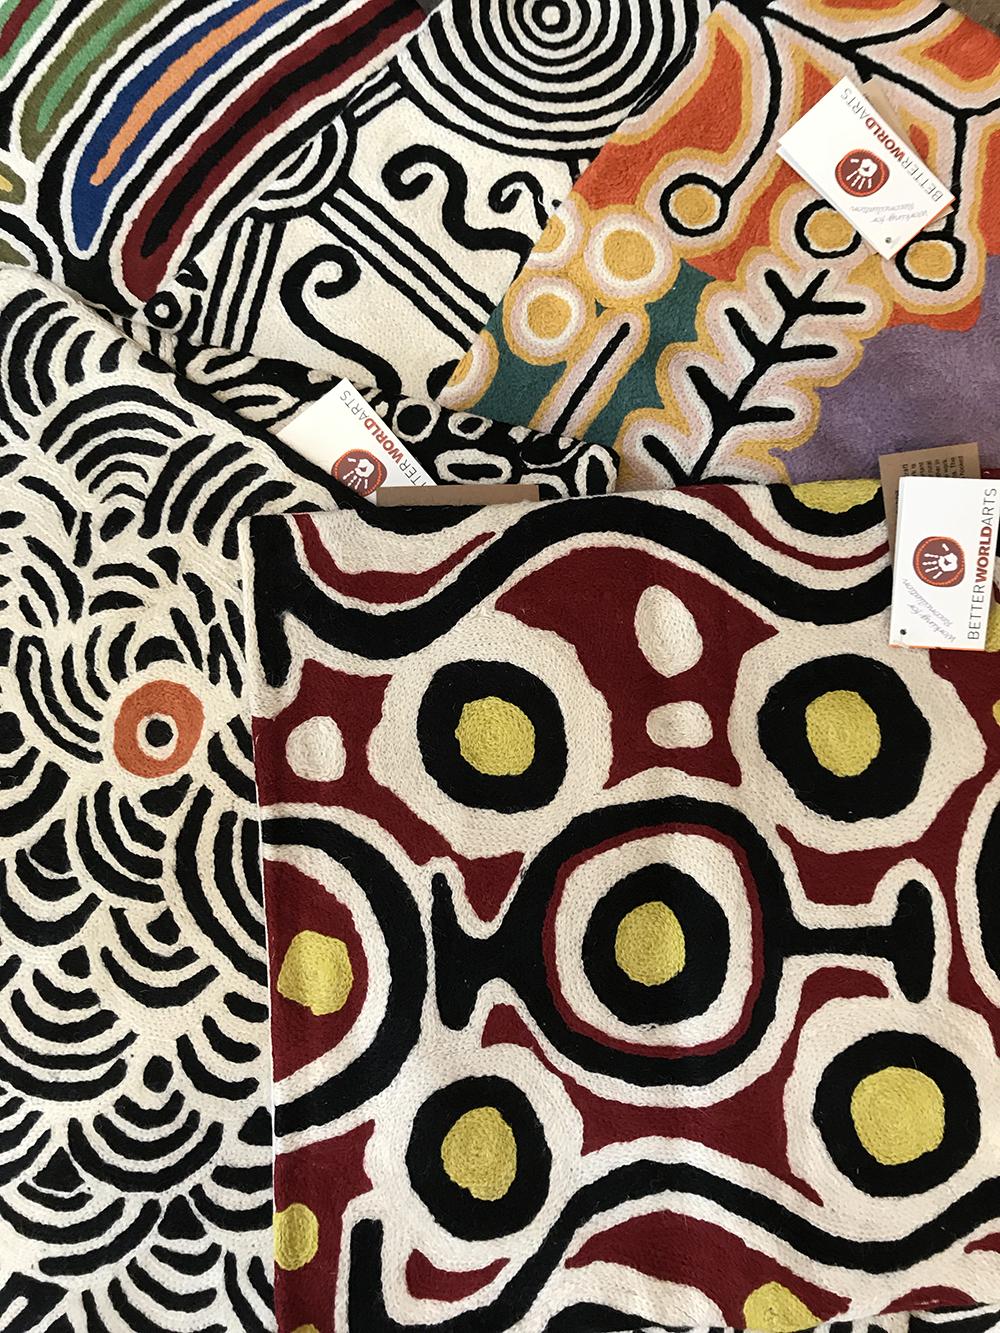 nouvel arrivage coussins aborigènes-2-temaglerie